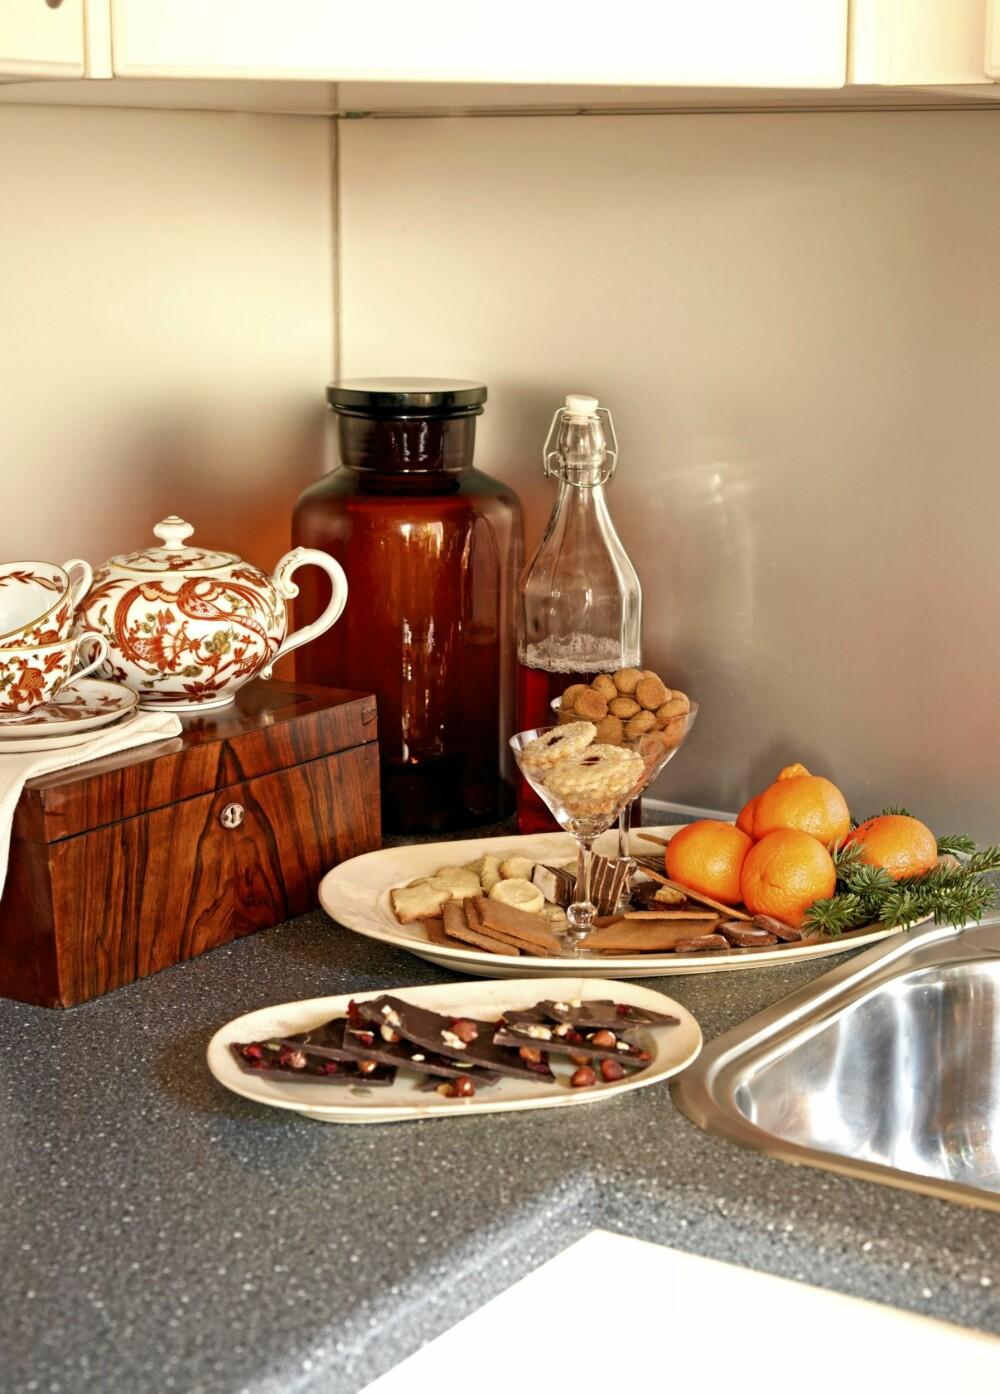 NY FUNKSJON: Gamle ting skal brukes, ikke stues bort, mener Tim. Antikke champagneglass brukes som serveringsskåler for småkaker og sjokolade. Kaffeservise fra Rosenthal.